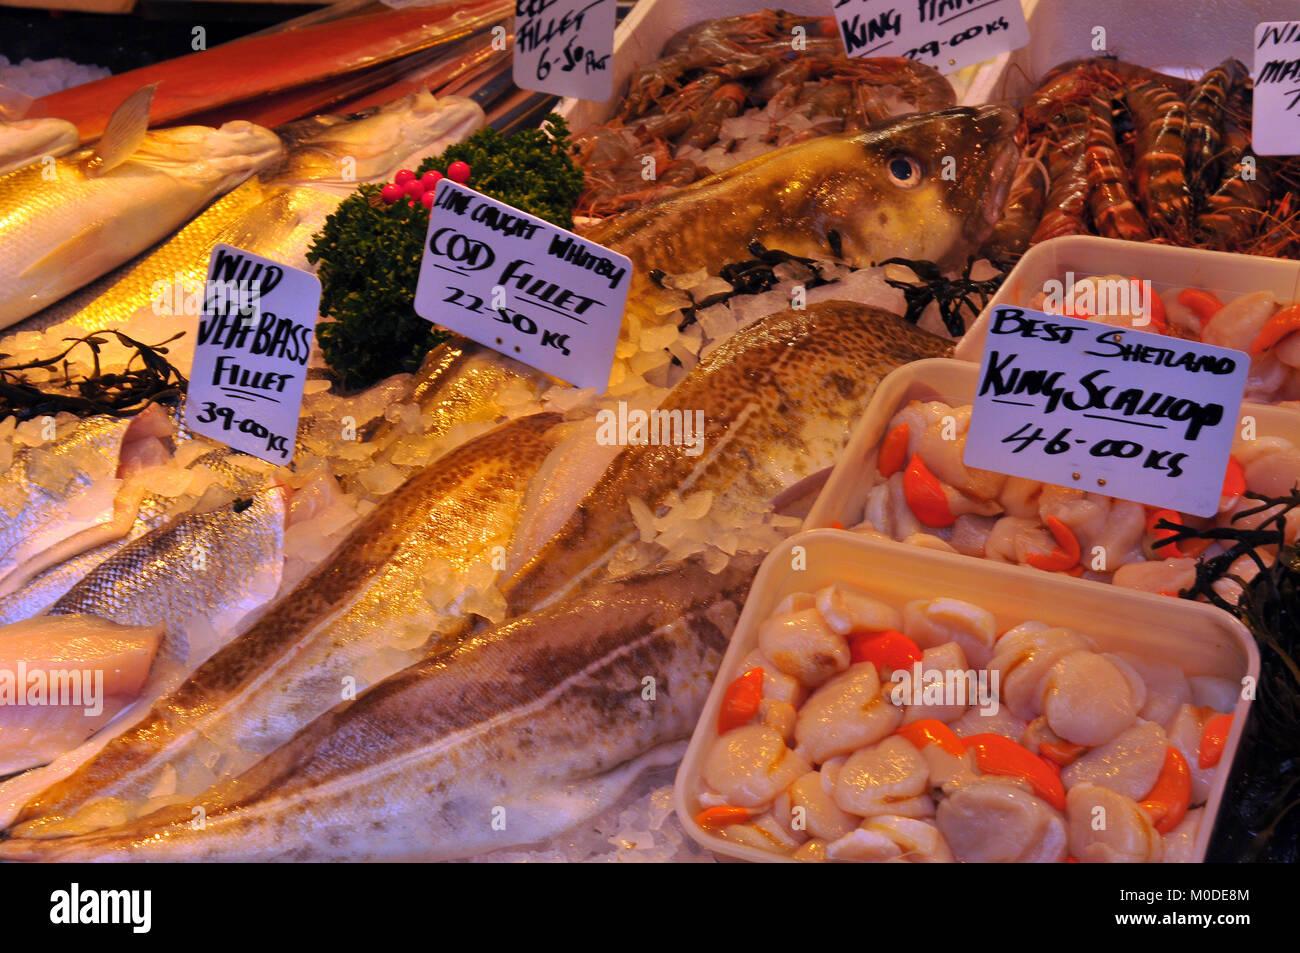 Poisson frais à un décrochage des poissonniers sur Borough Market dans le centre de Londres pour la vente. Photo Stock